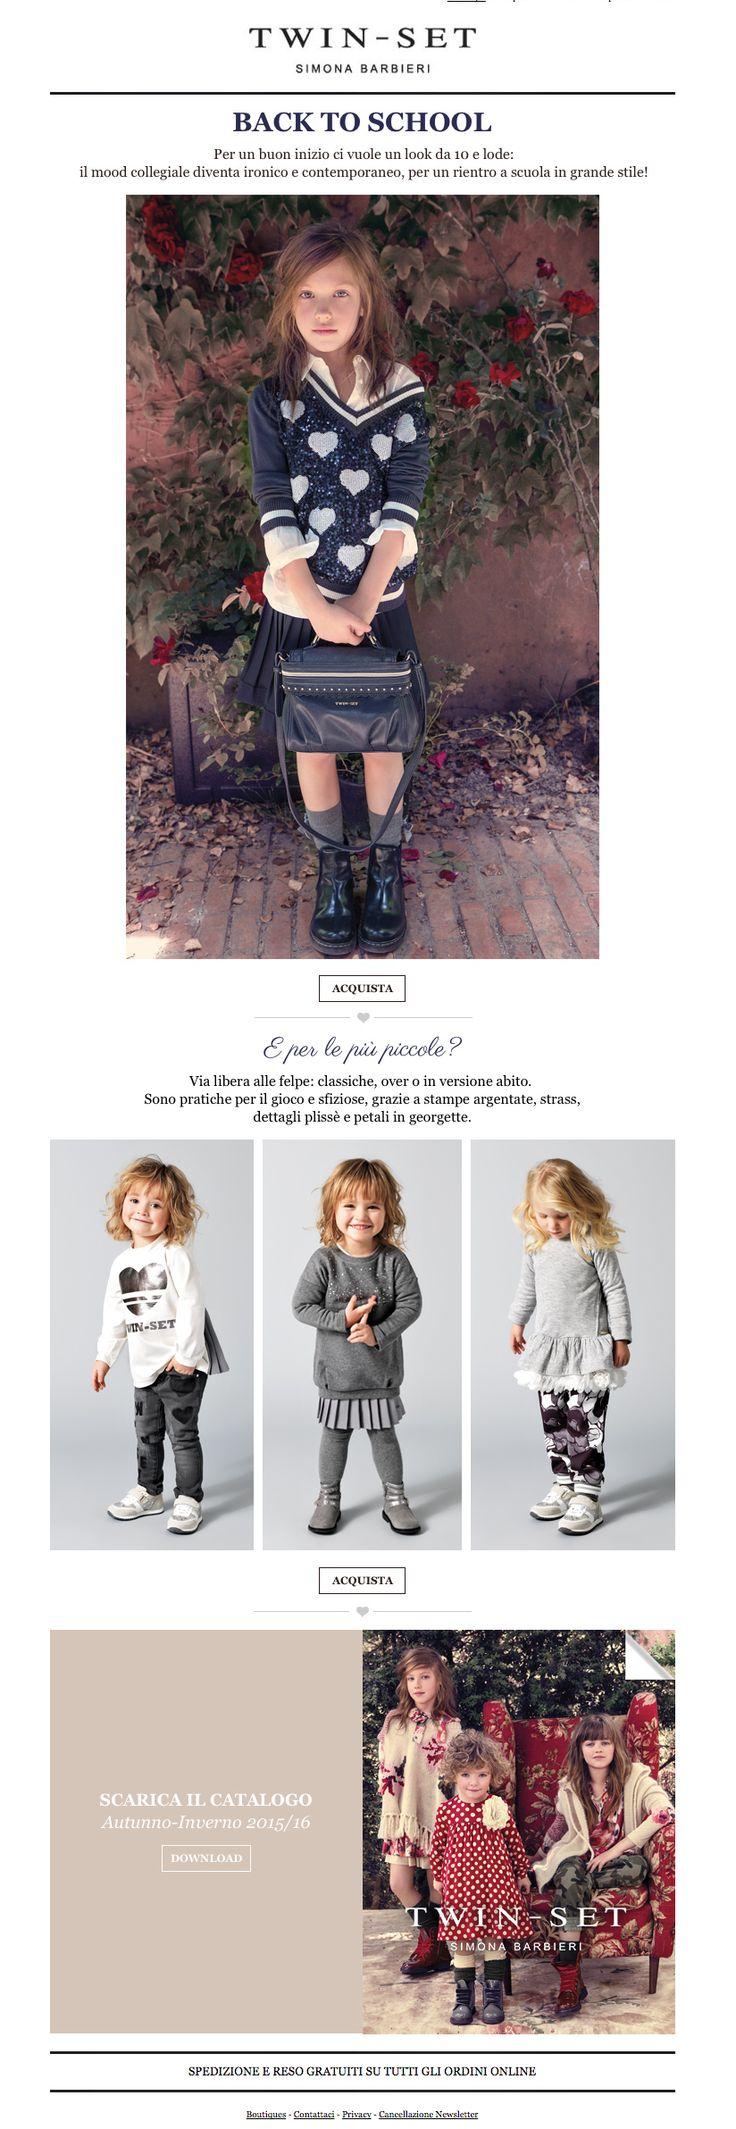 Twin-Set | Collezione Girl: pronta per il back to school?